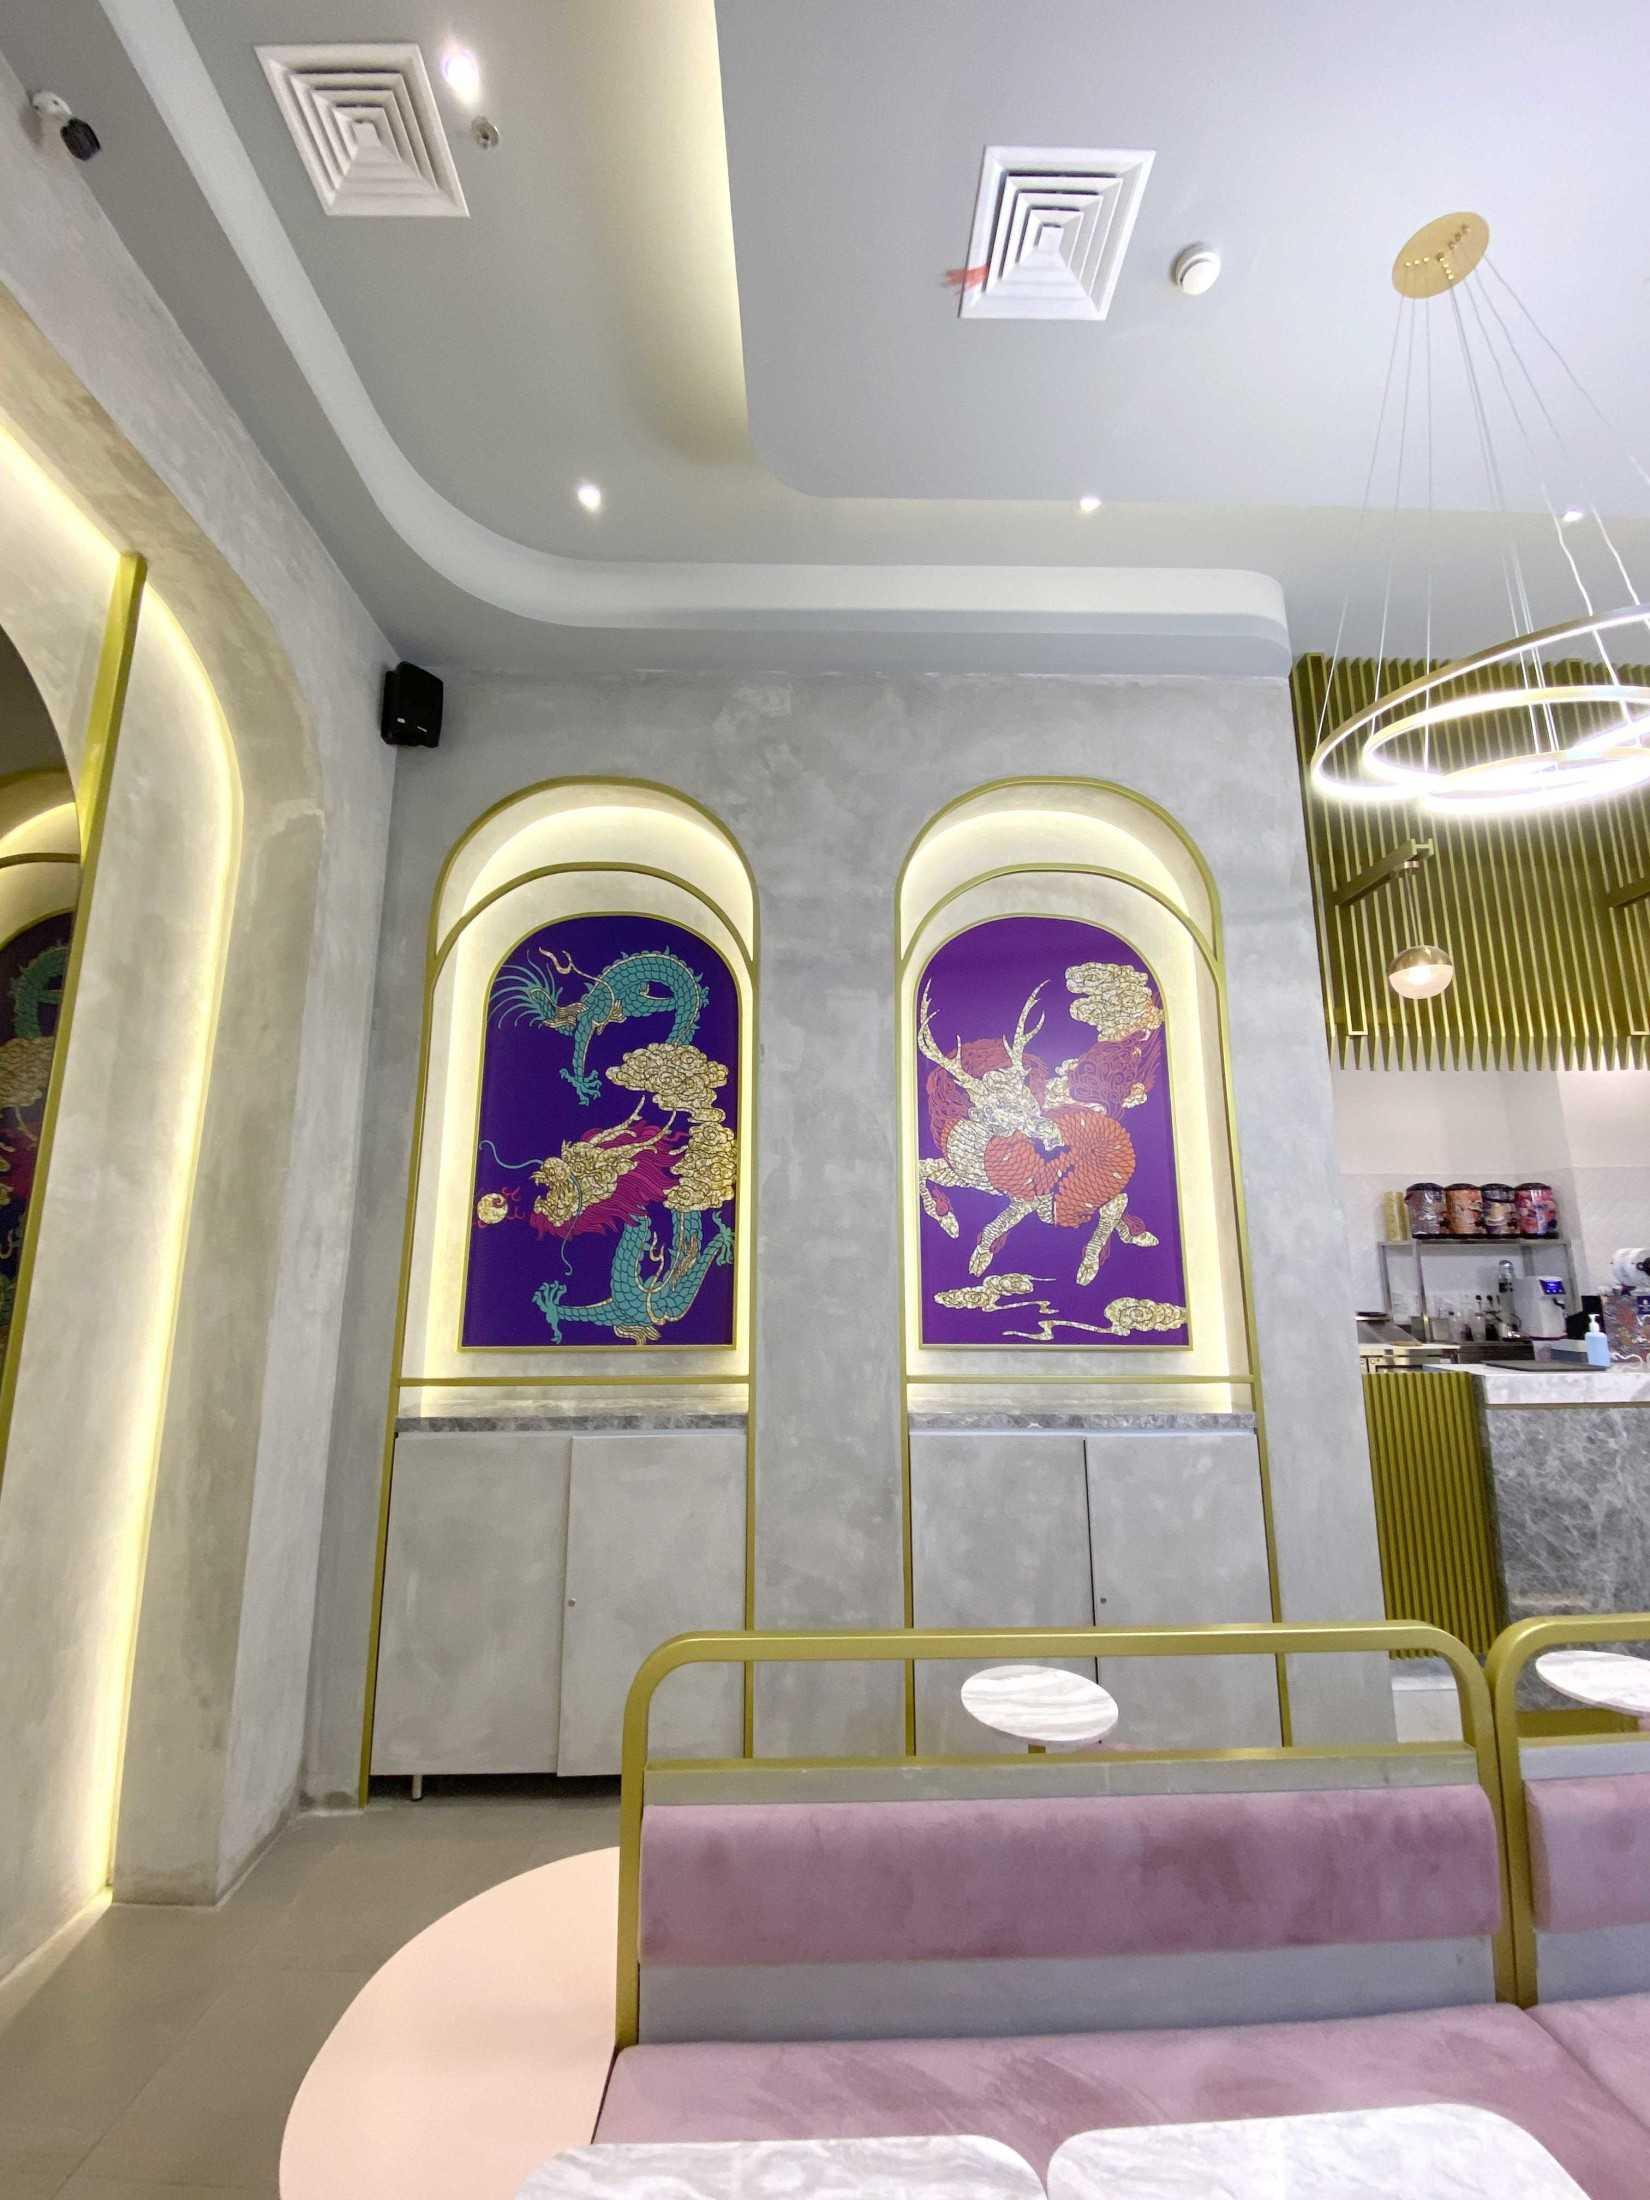 7Design Architect Ben Gong's Tea Karawaci Kec. Karawaci, Kota Tangerang, Banten, Indonesia Kec. Karawaci, Kota Tangerang, Banten, Indonesia 7Design-Architect-Ben-Gongs-Tea-Karawaci  117965